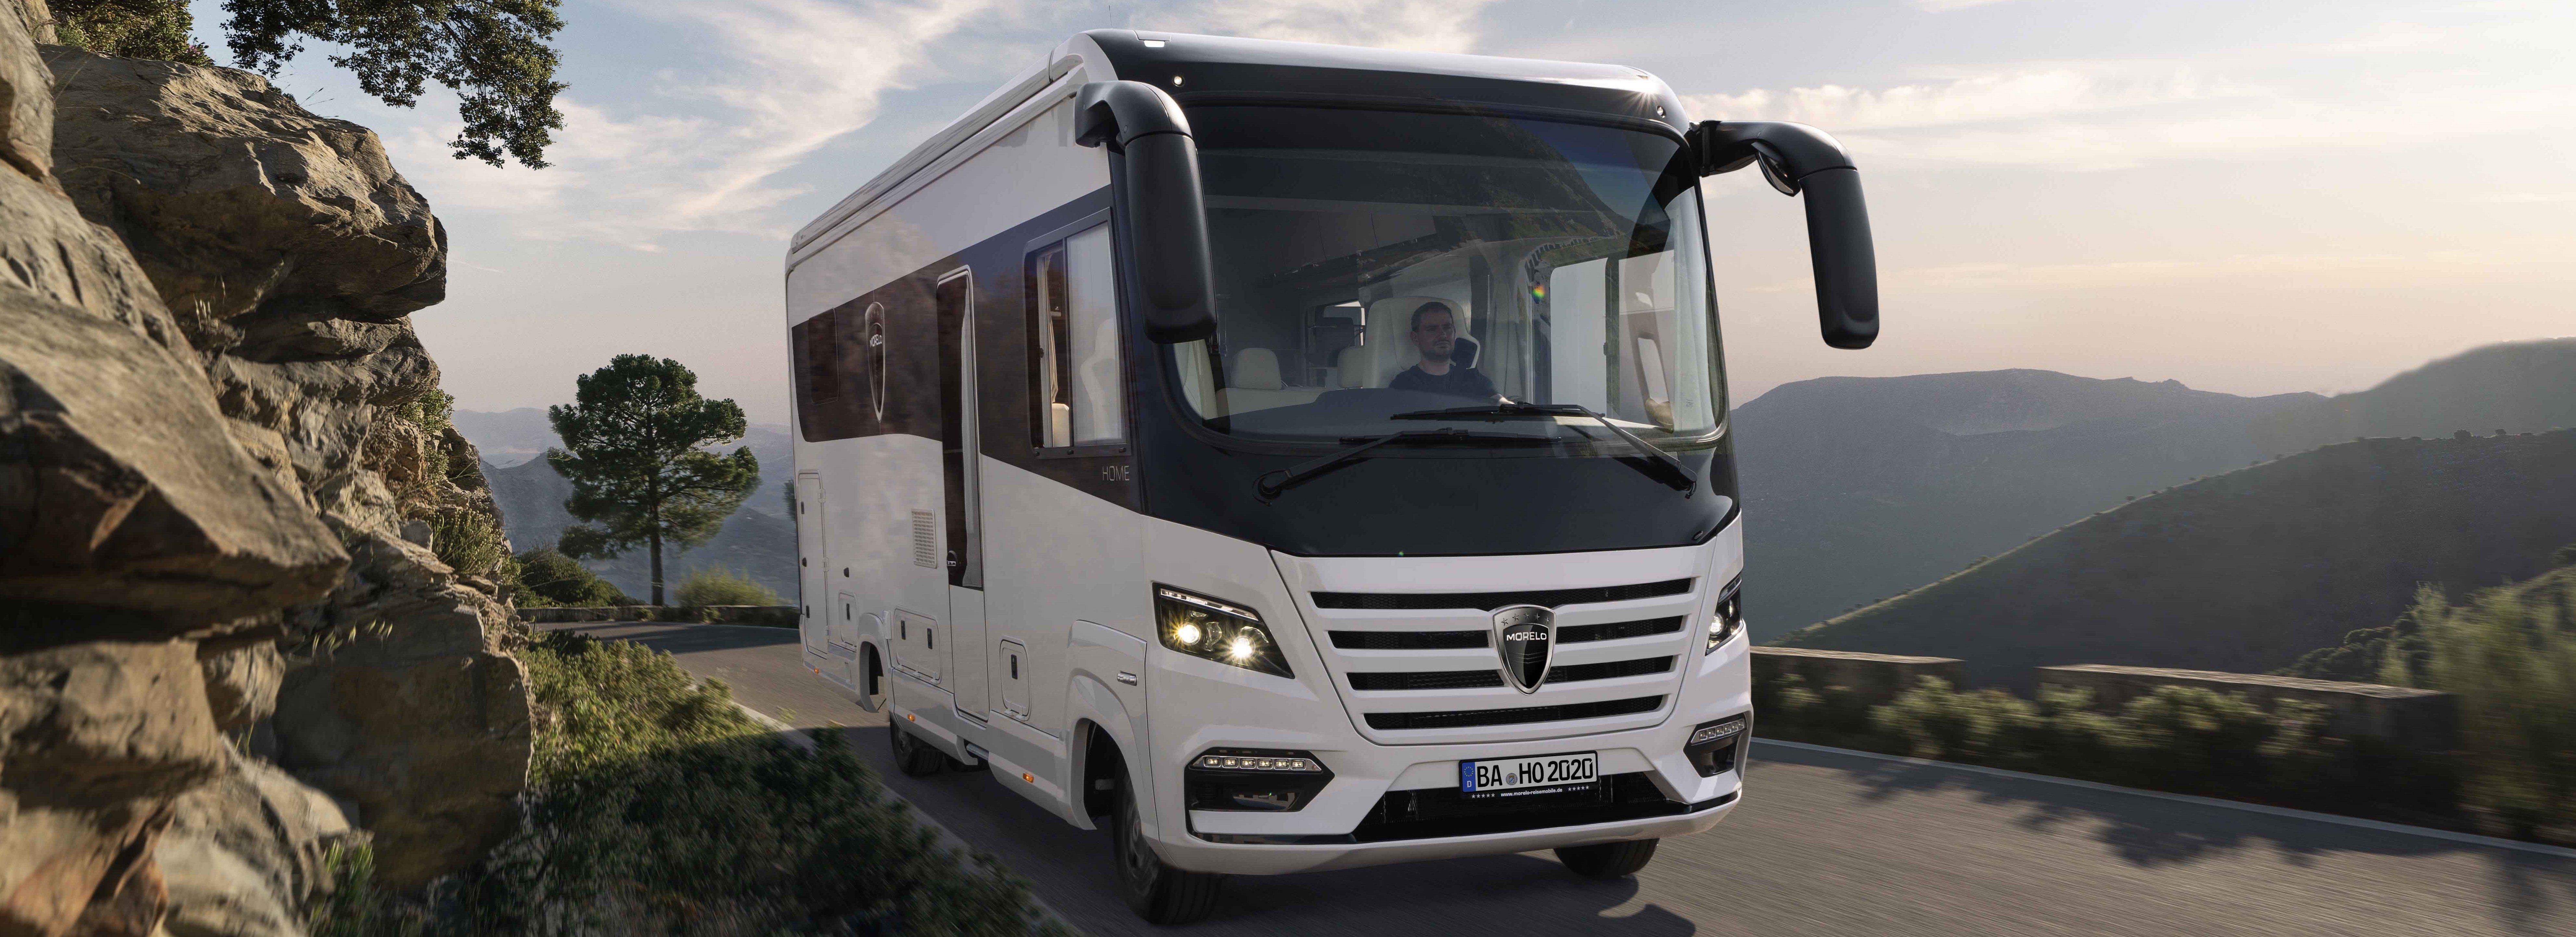 Luxus-Wohnmobile der Marke Morelo kaufen im Raum Osnabrück